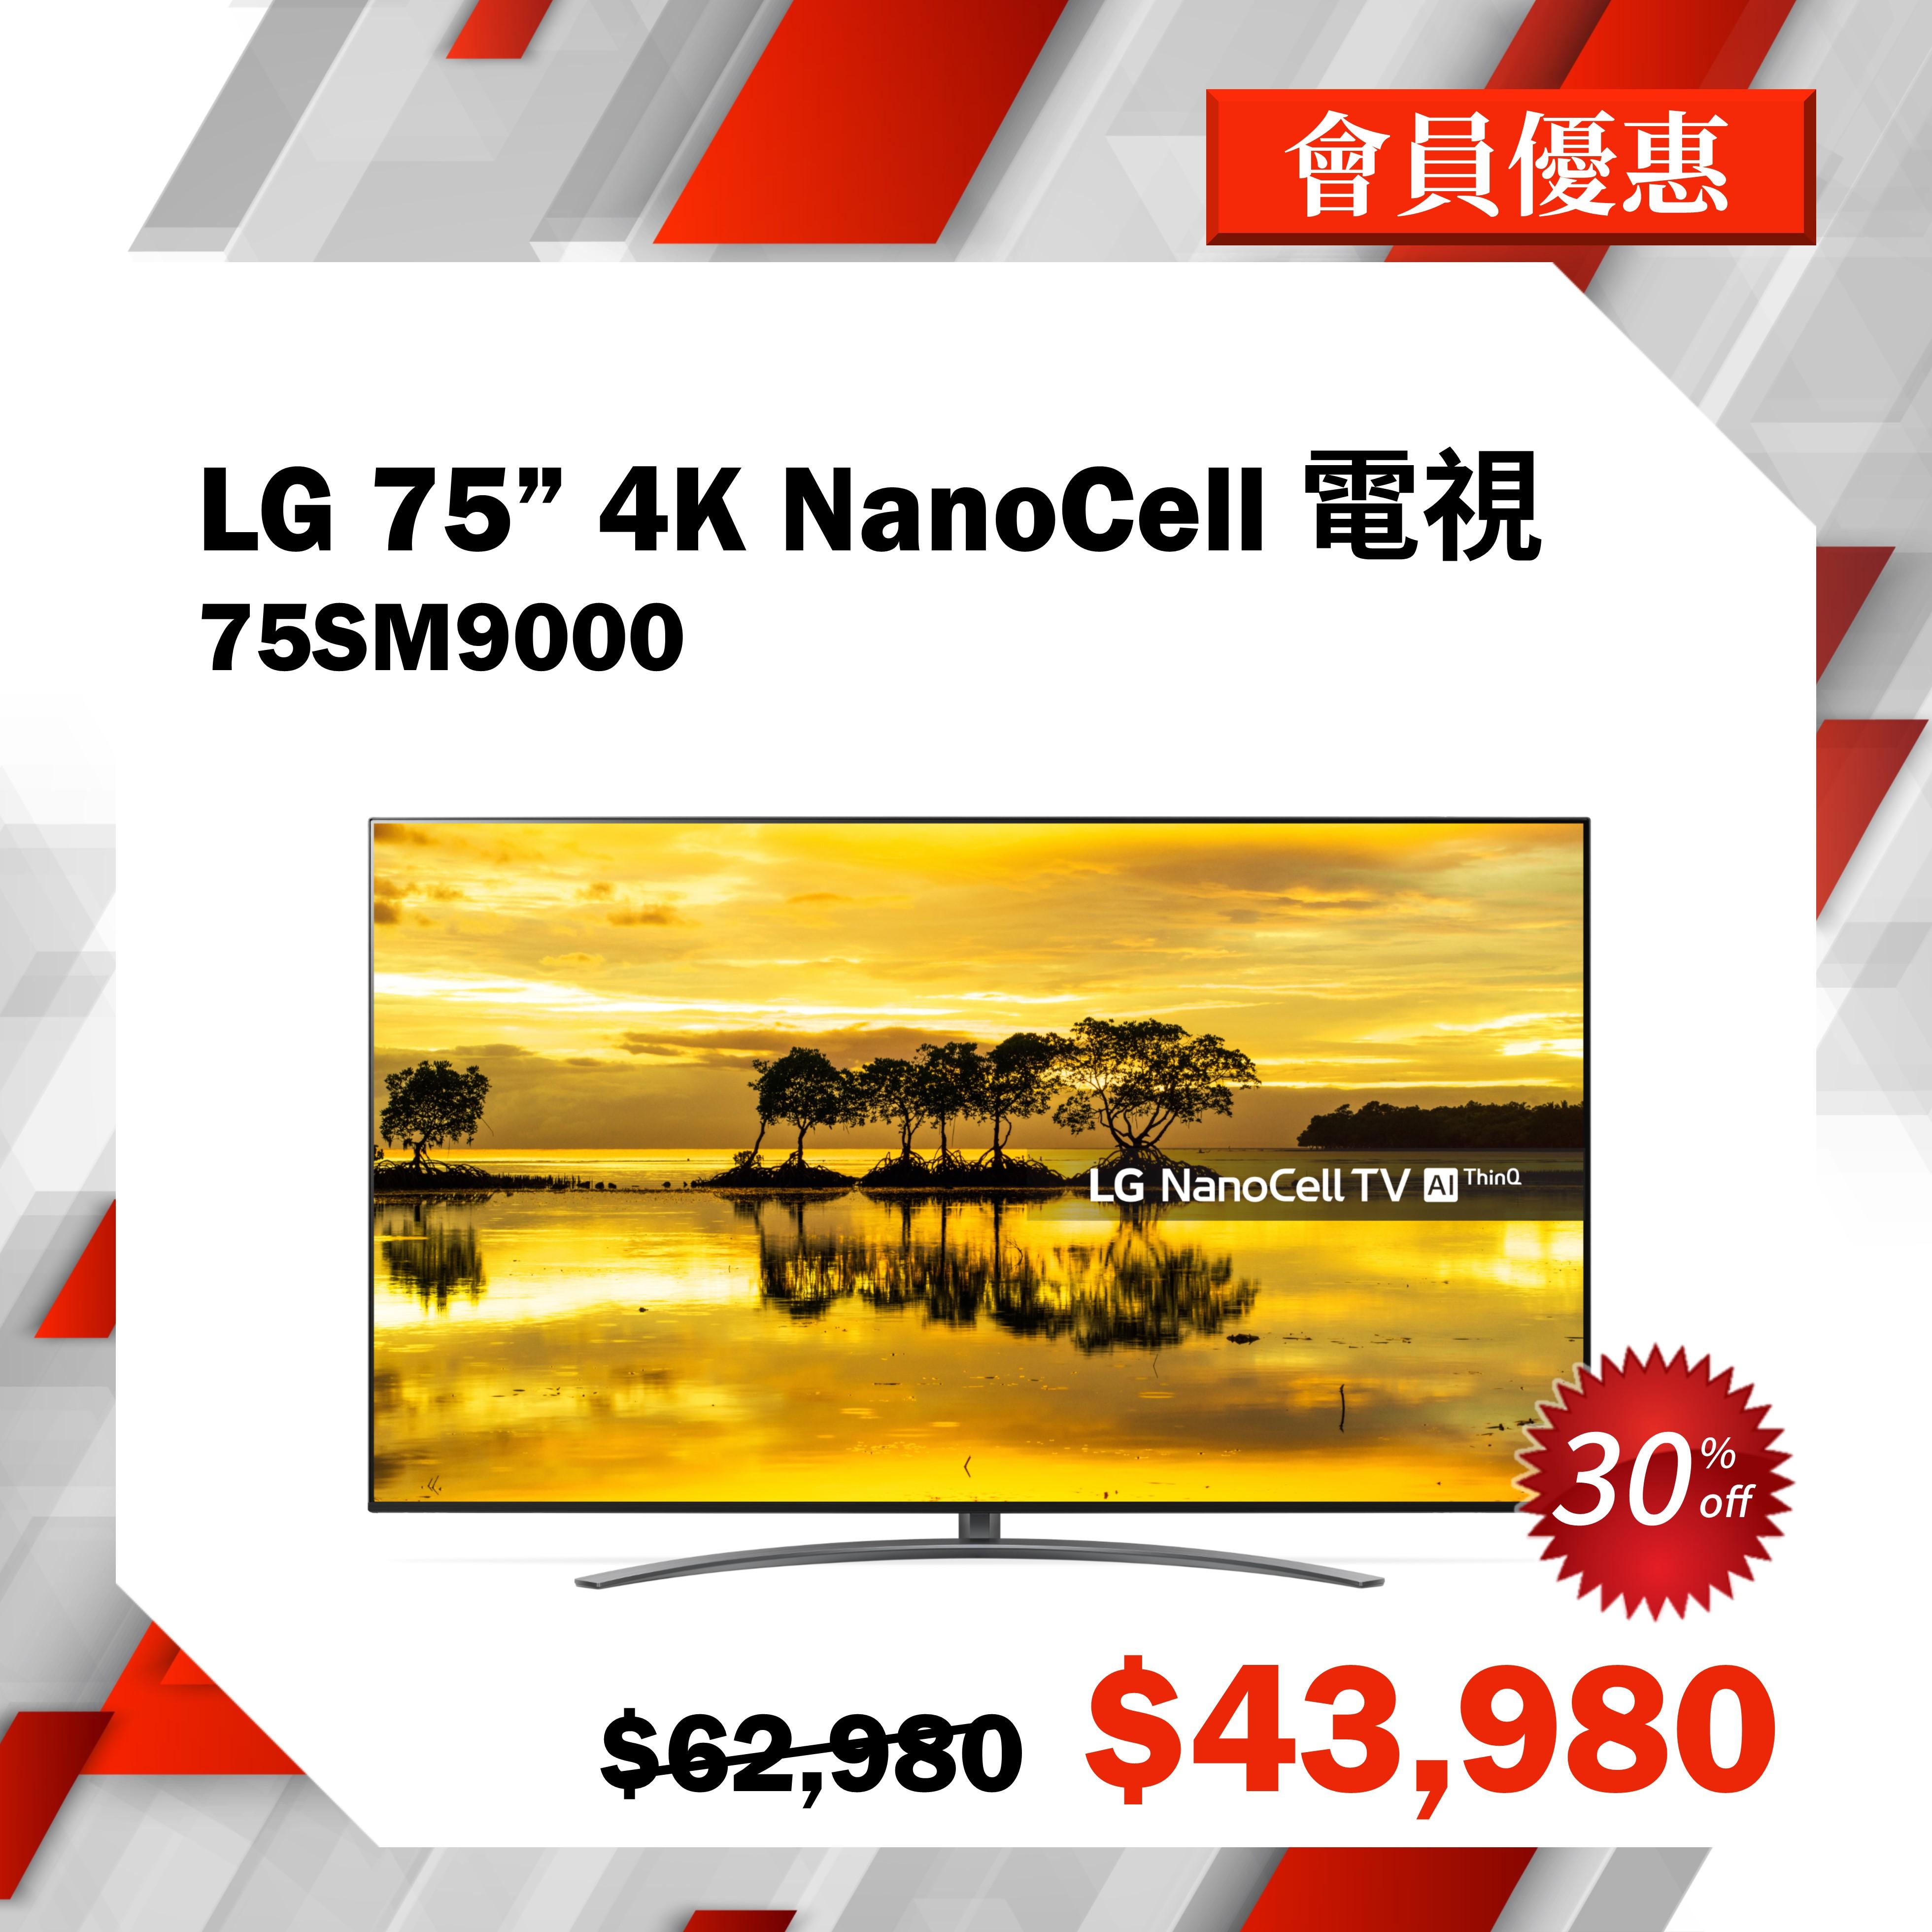 LG 75SM9000